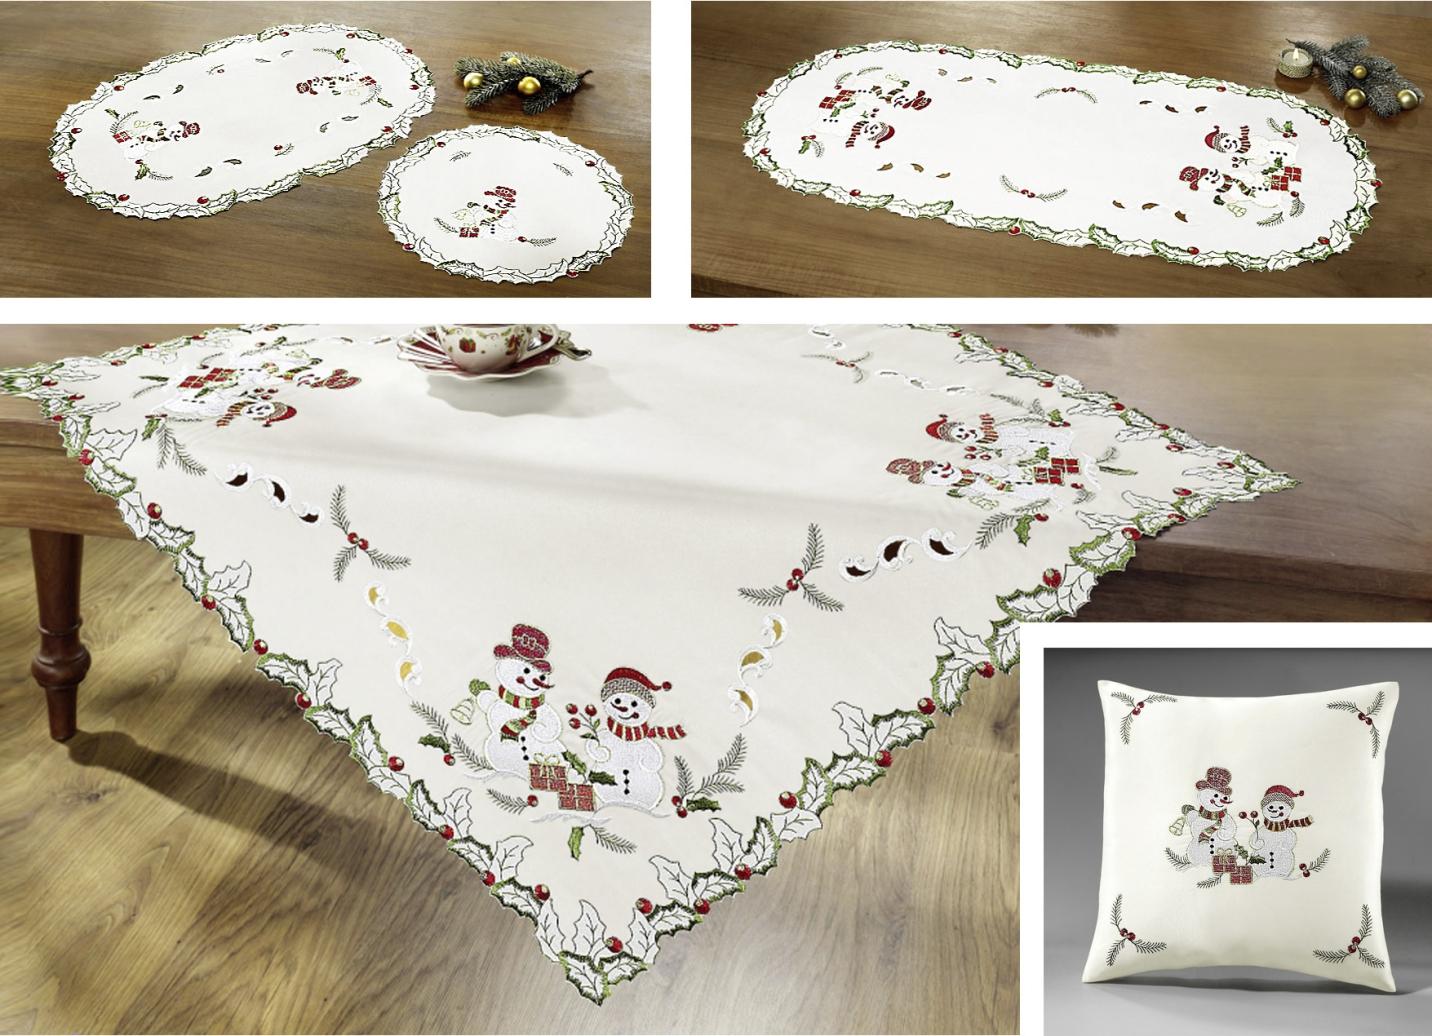 Tisch und raumdekoration mit schneemann motiven for Dekoration schneemann